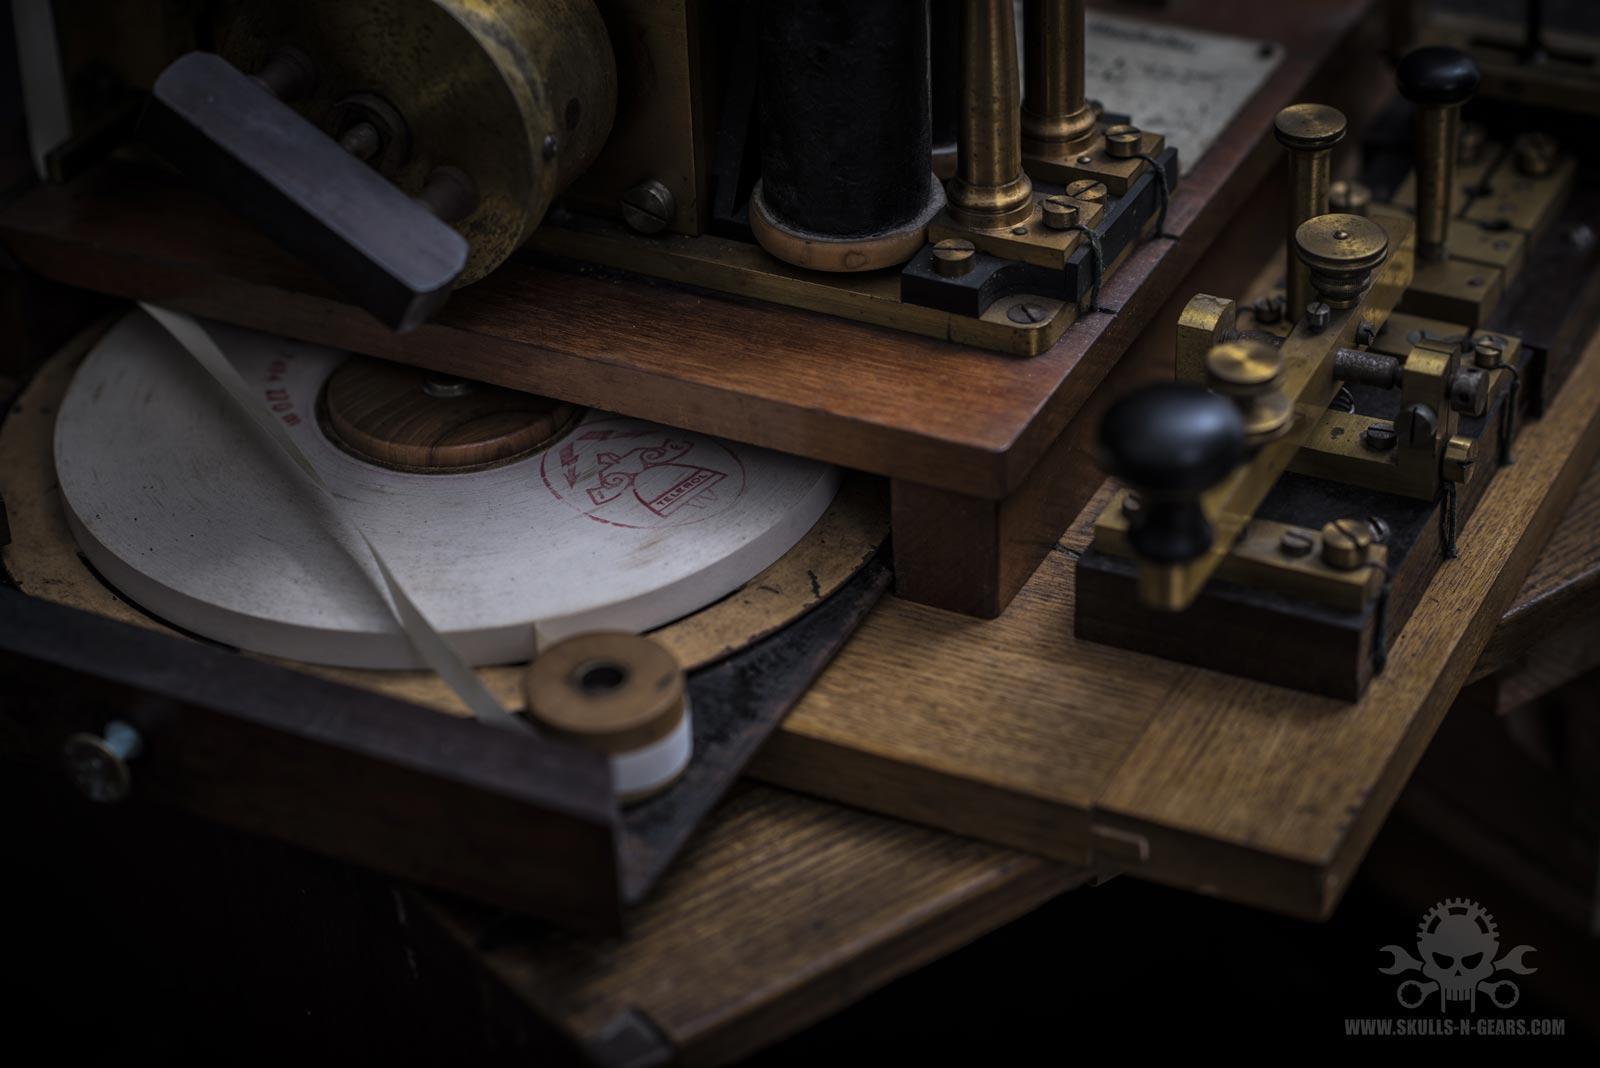 Telegraf, Morsegerät